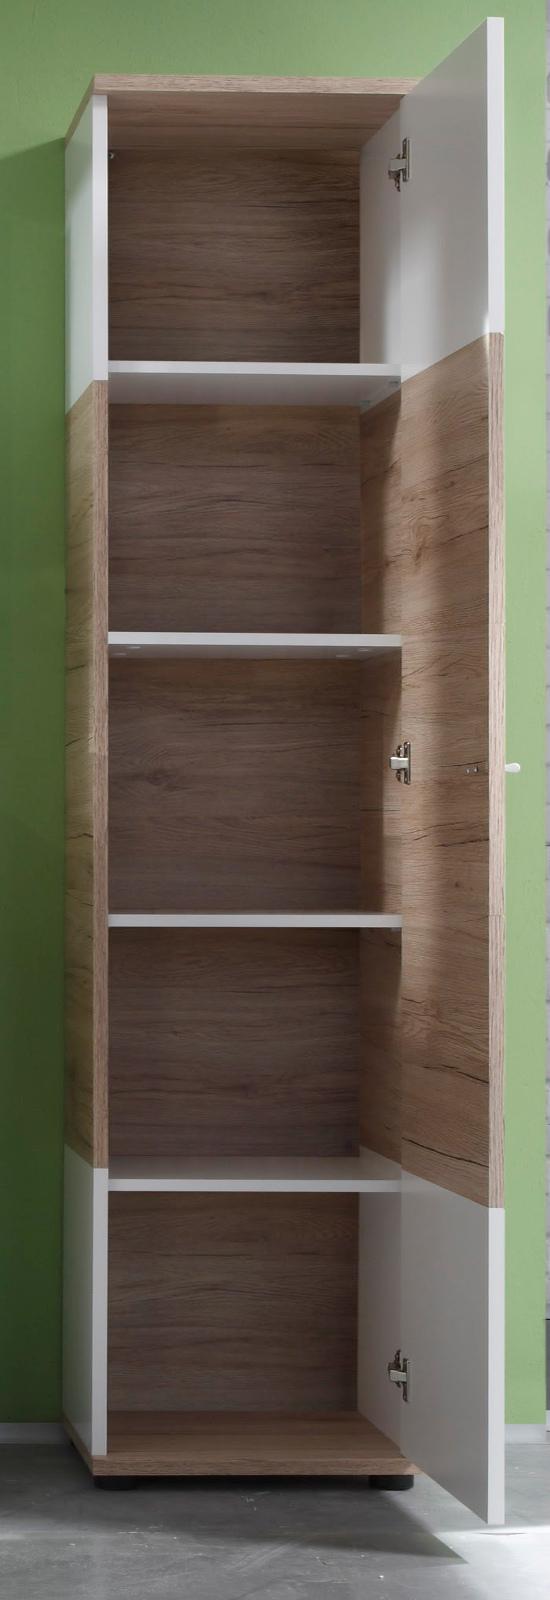 badm bel campus eiche wei g nstig online kaufen. Black Bedroom Furniture Sets. Home Design Ideas